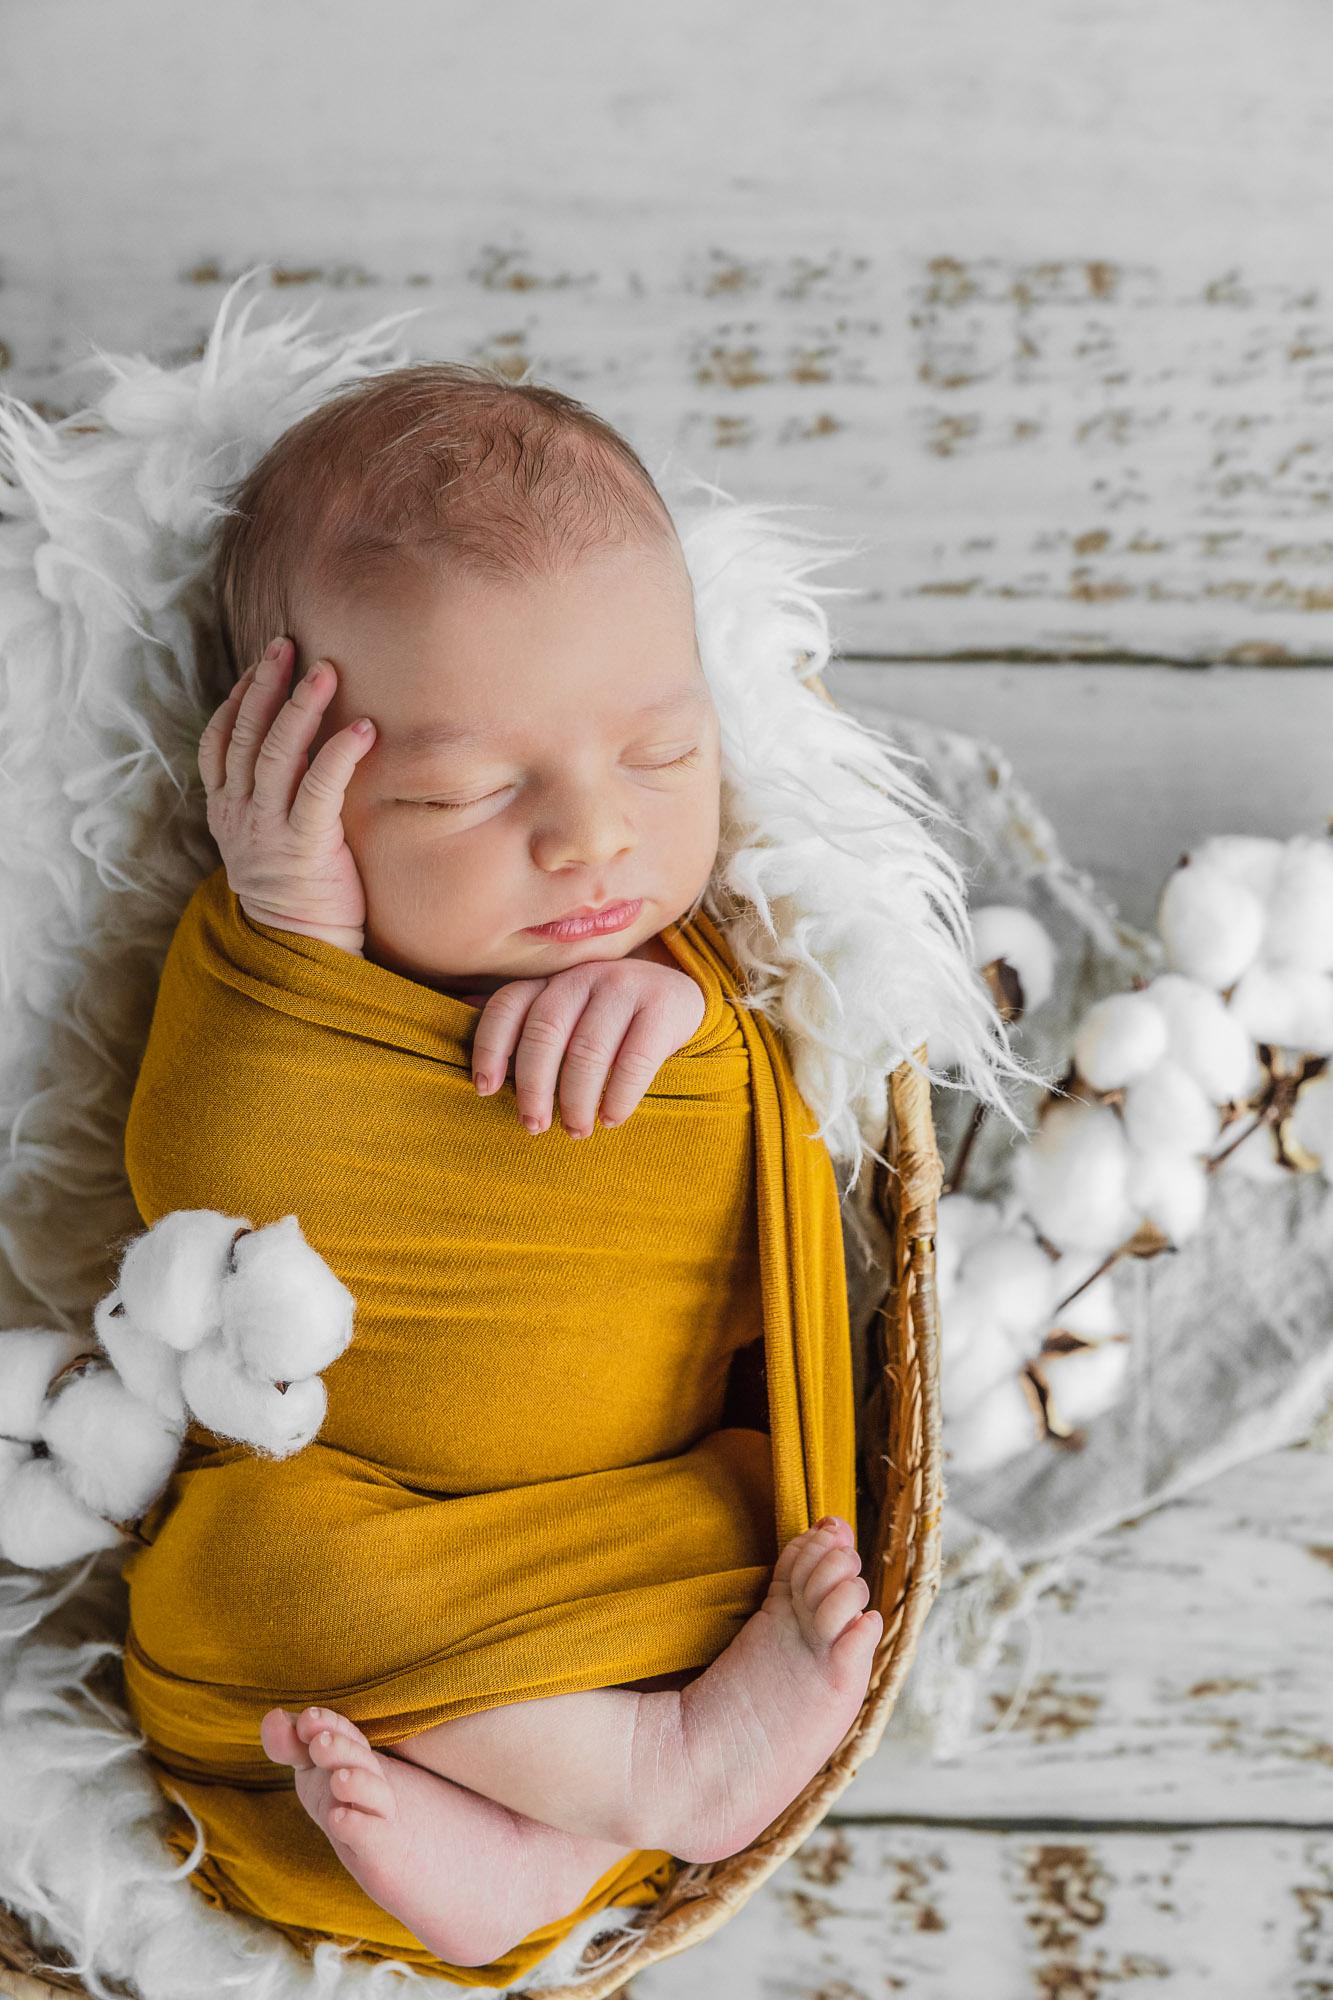 bébé emmailloté dans un tissus jaune moutarde, endormi dans un panier en osier entouré de fleurs de coton